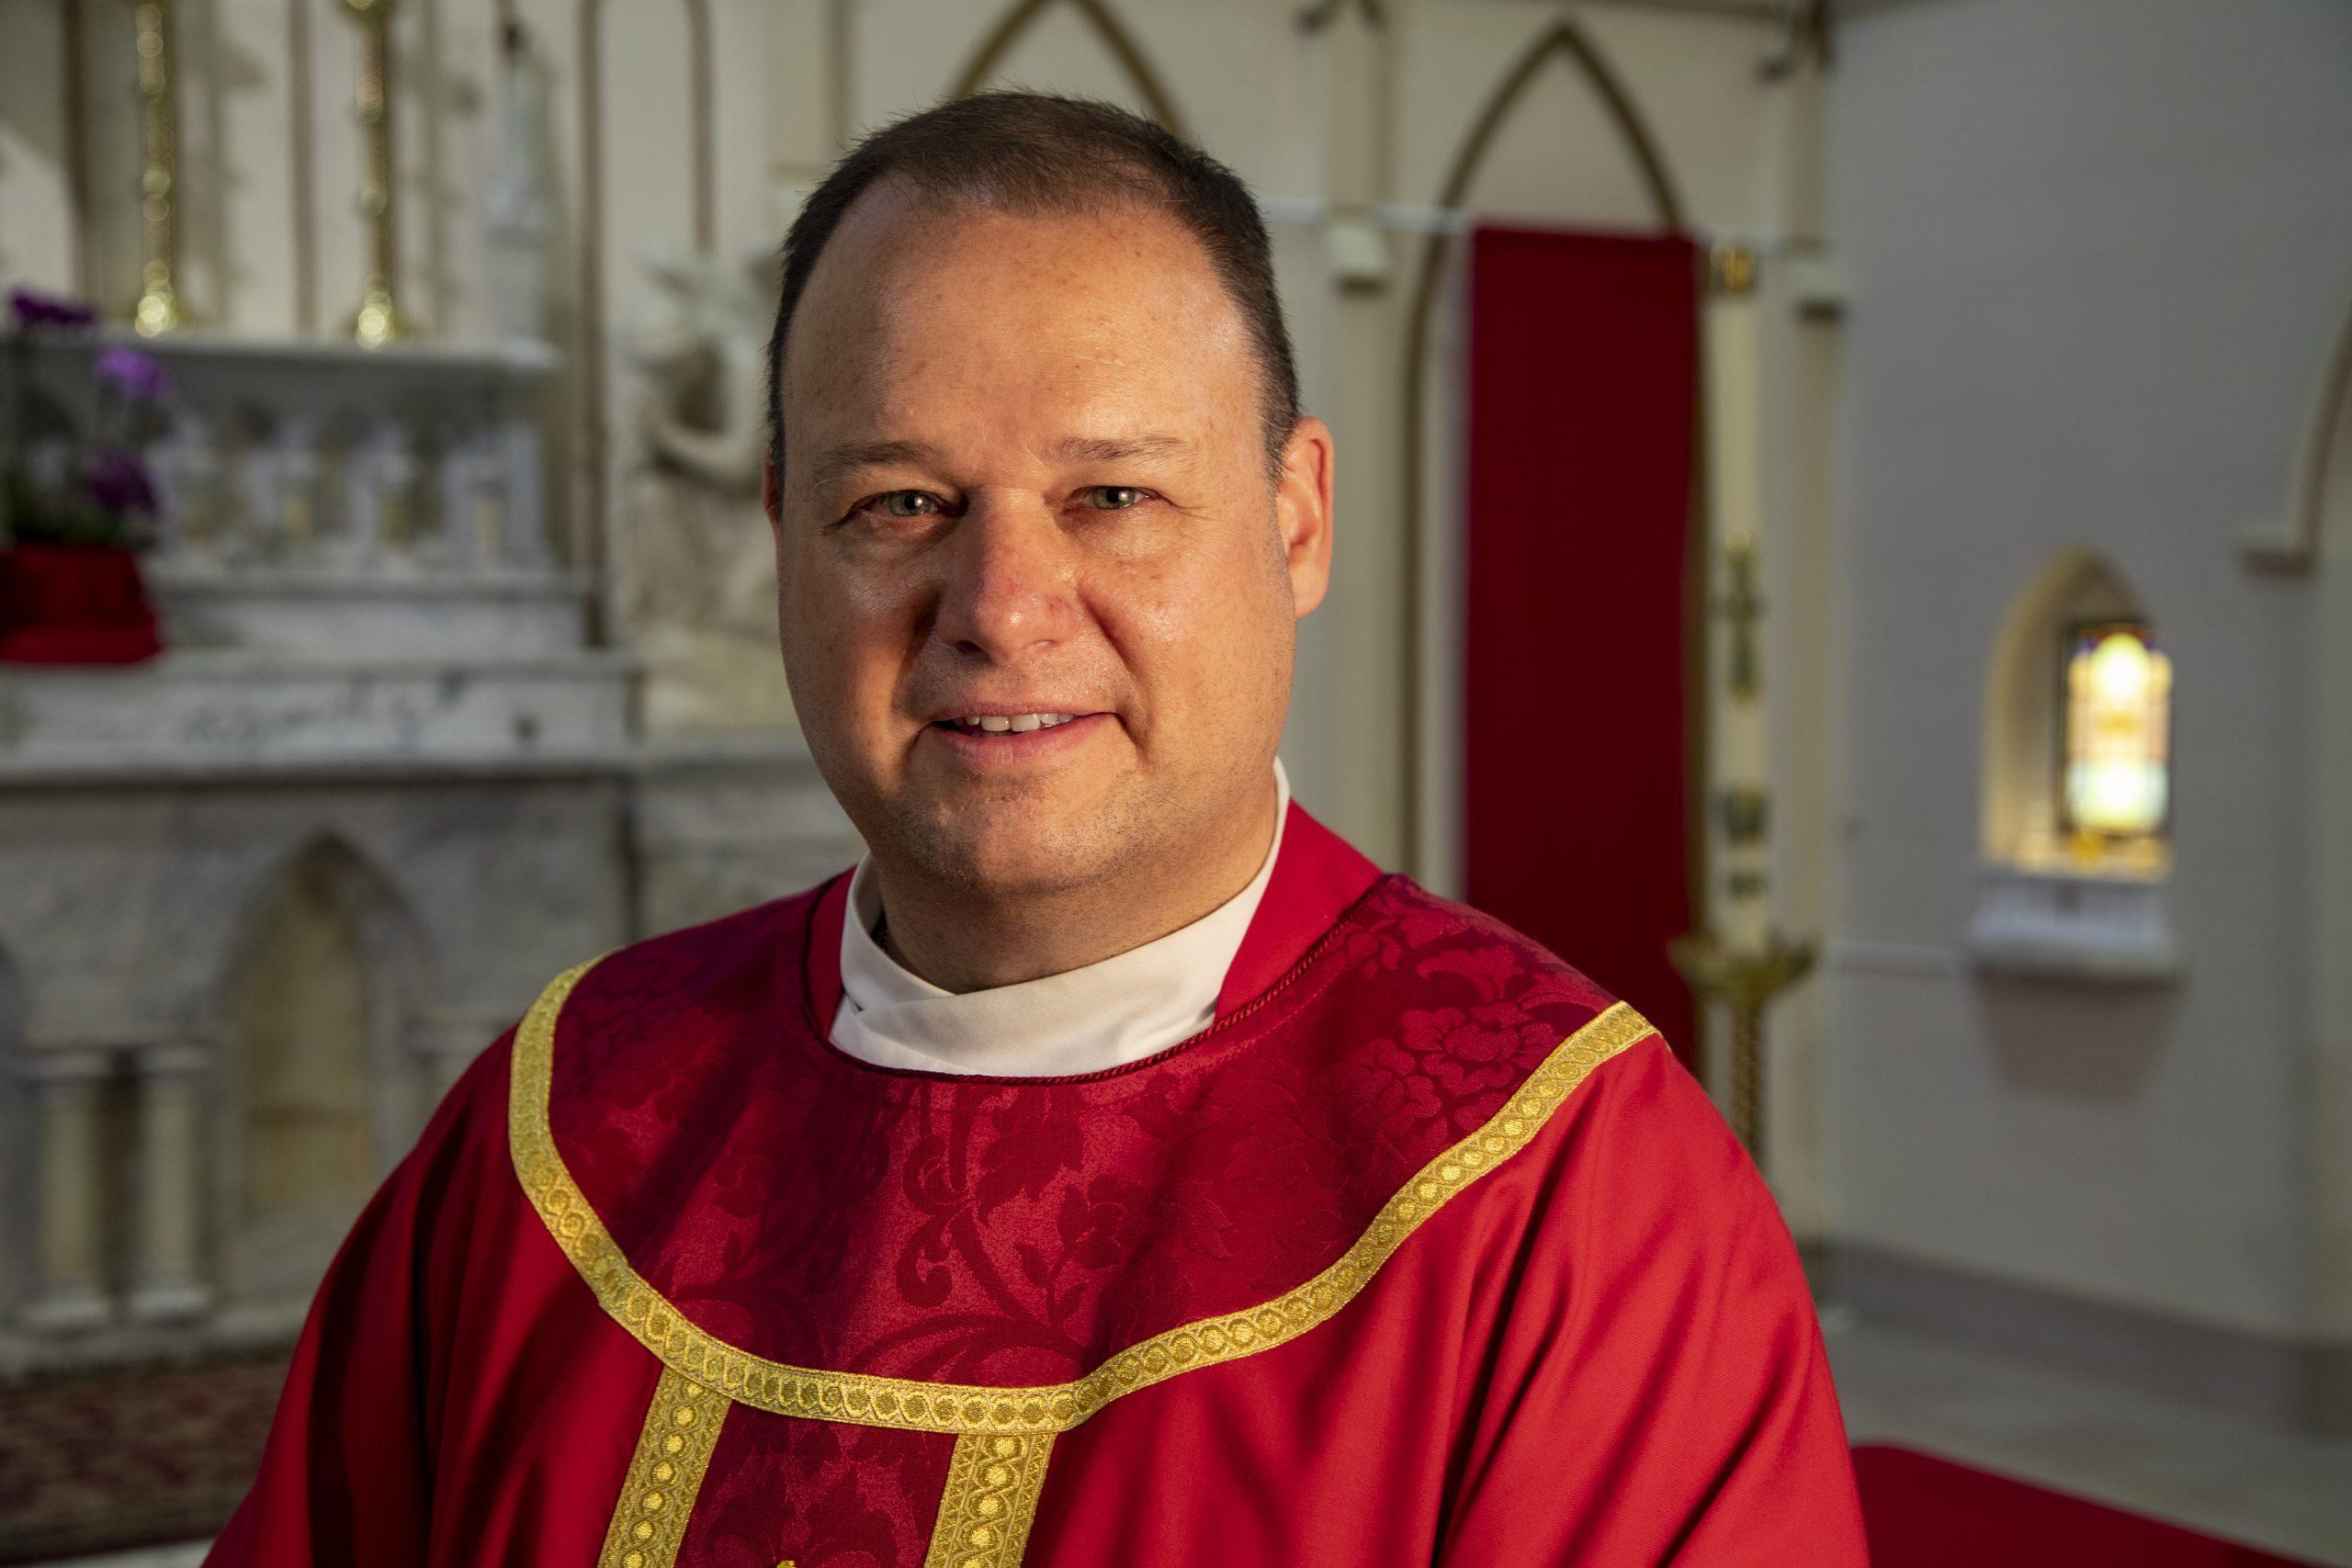 Monsignor Steven P. Hurley, VG : Pastor